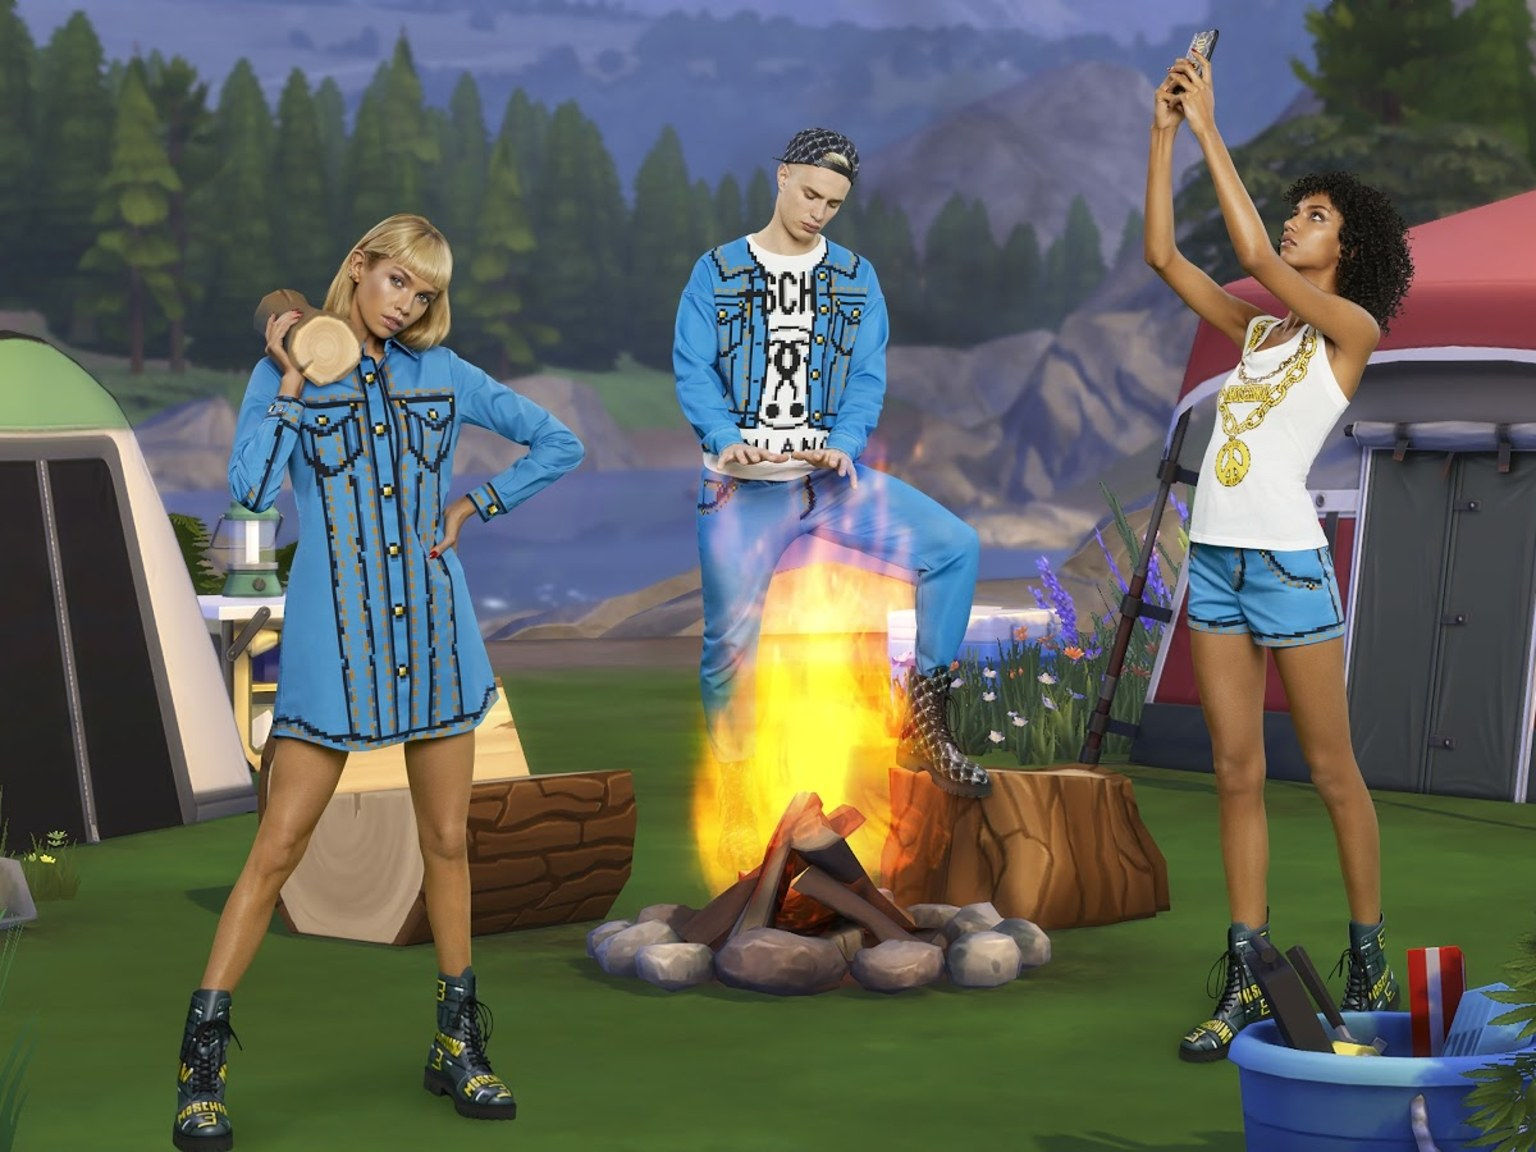 image du lookbook de la collection capsule Moschino X Les Sims et ses vêtements pixélisés